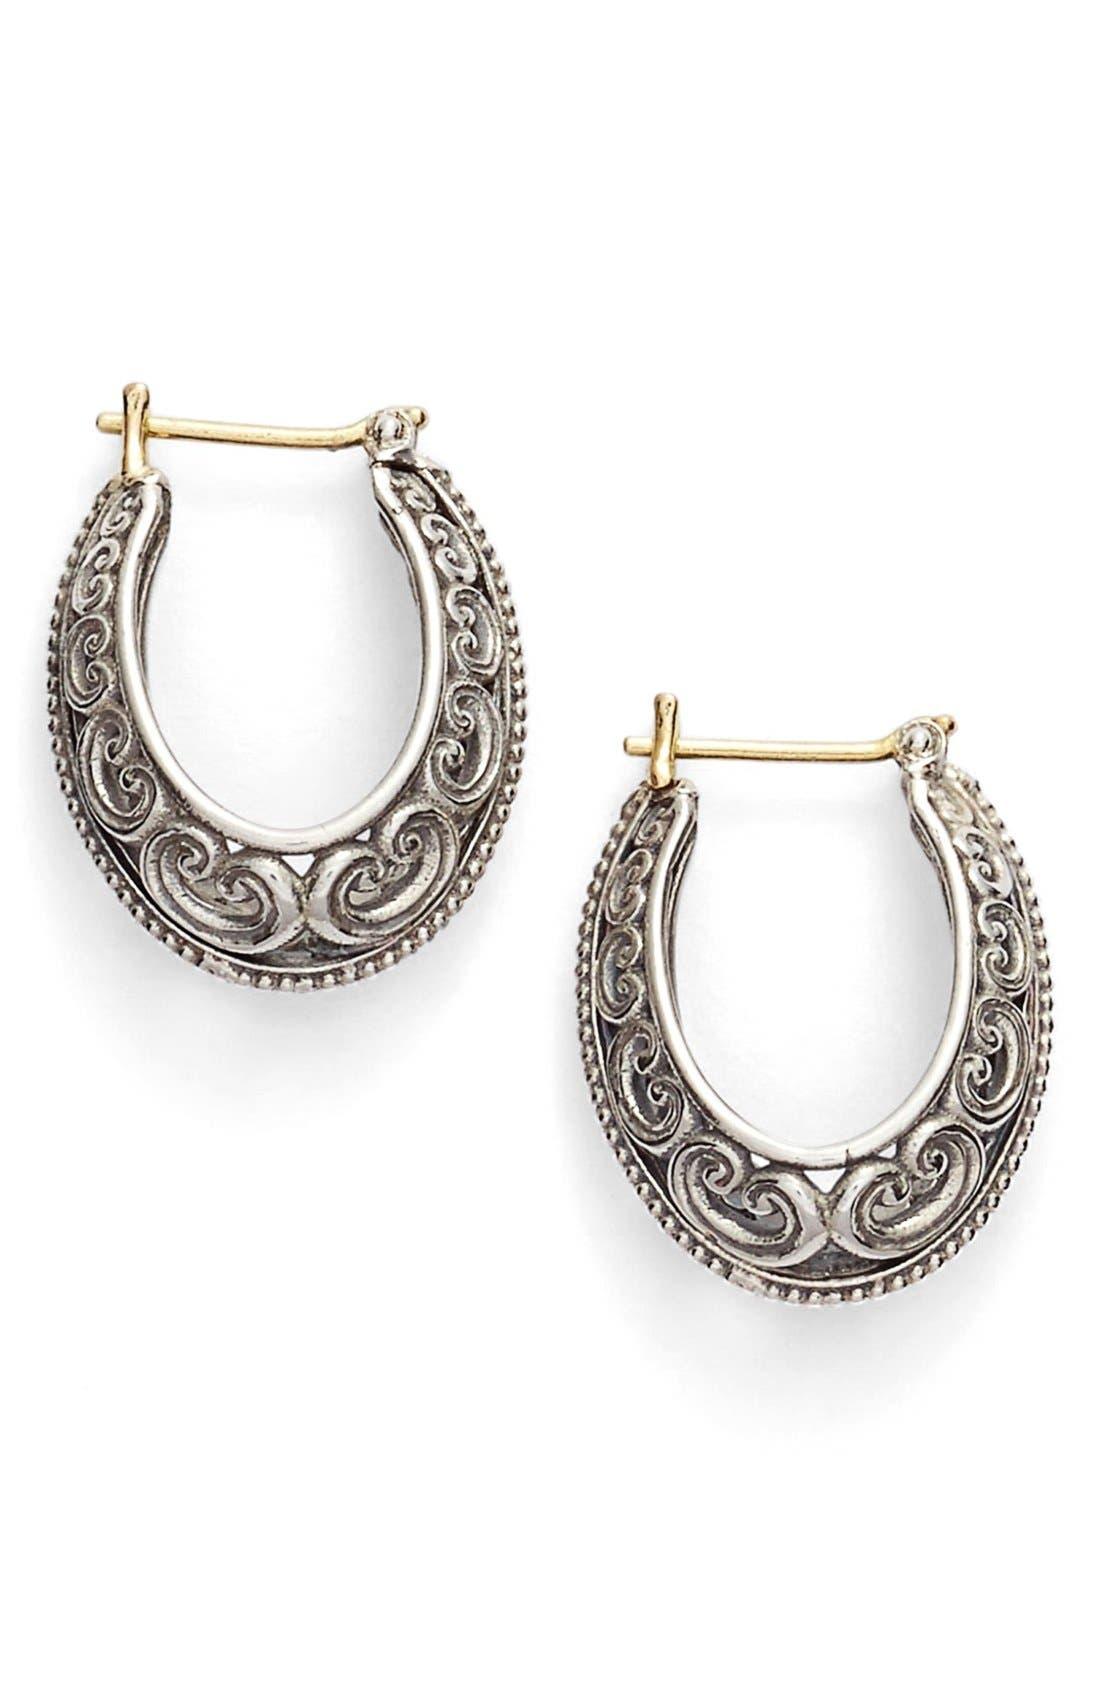 Main Image - Konstantino 'Penelope' Filigree Hoop Earrings